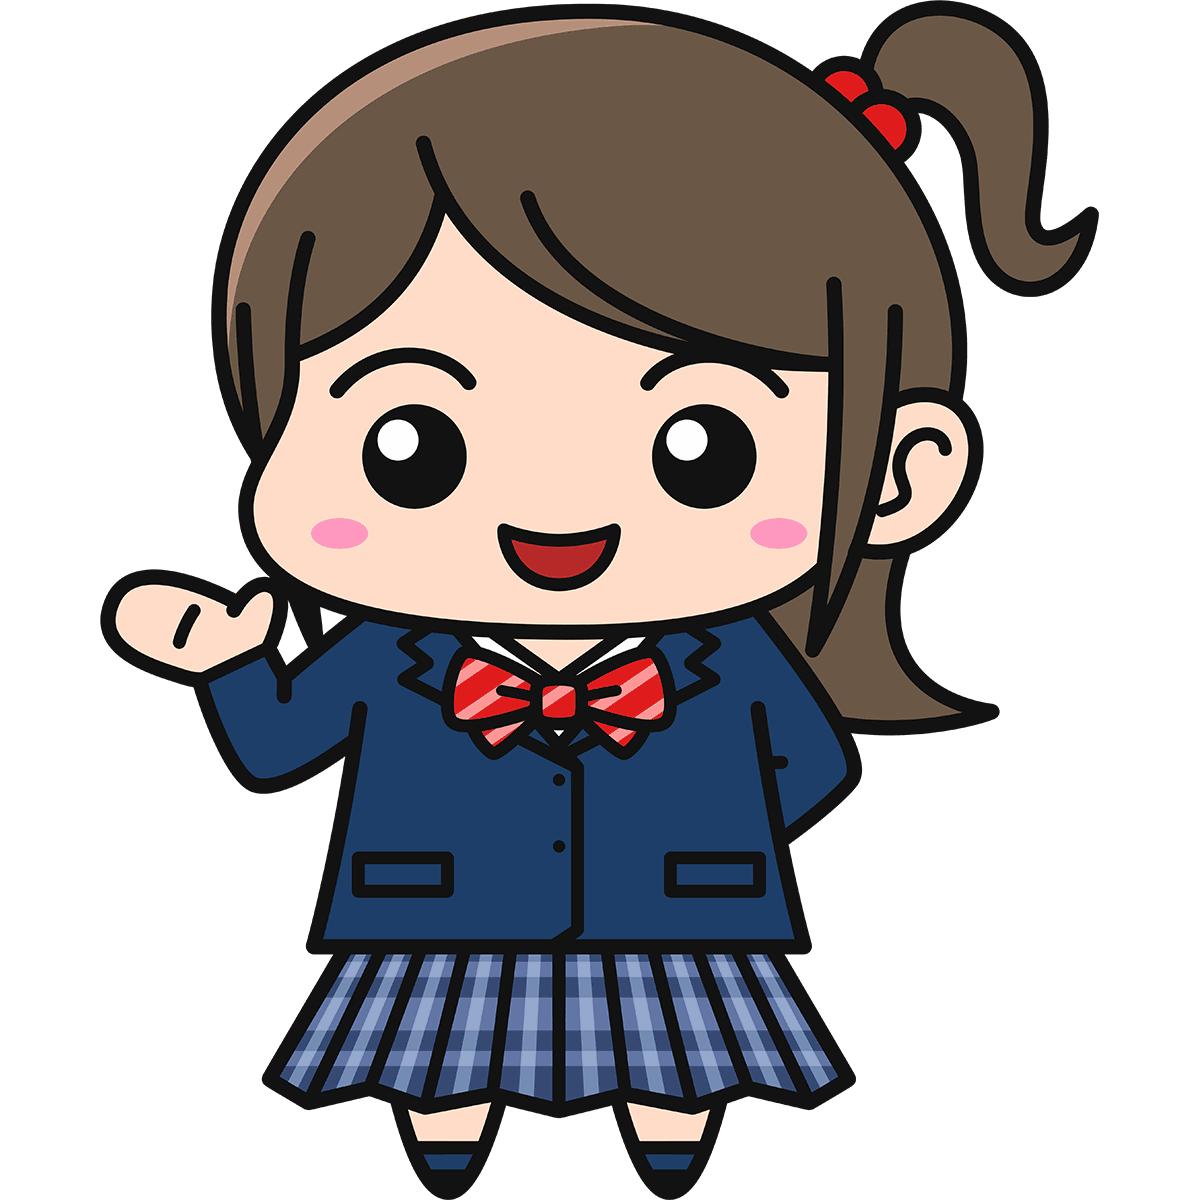 女子高生(案内/ブレザー/冬服)の無料イラスト